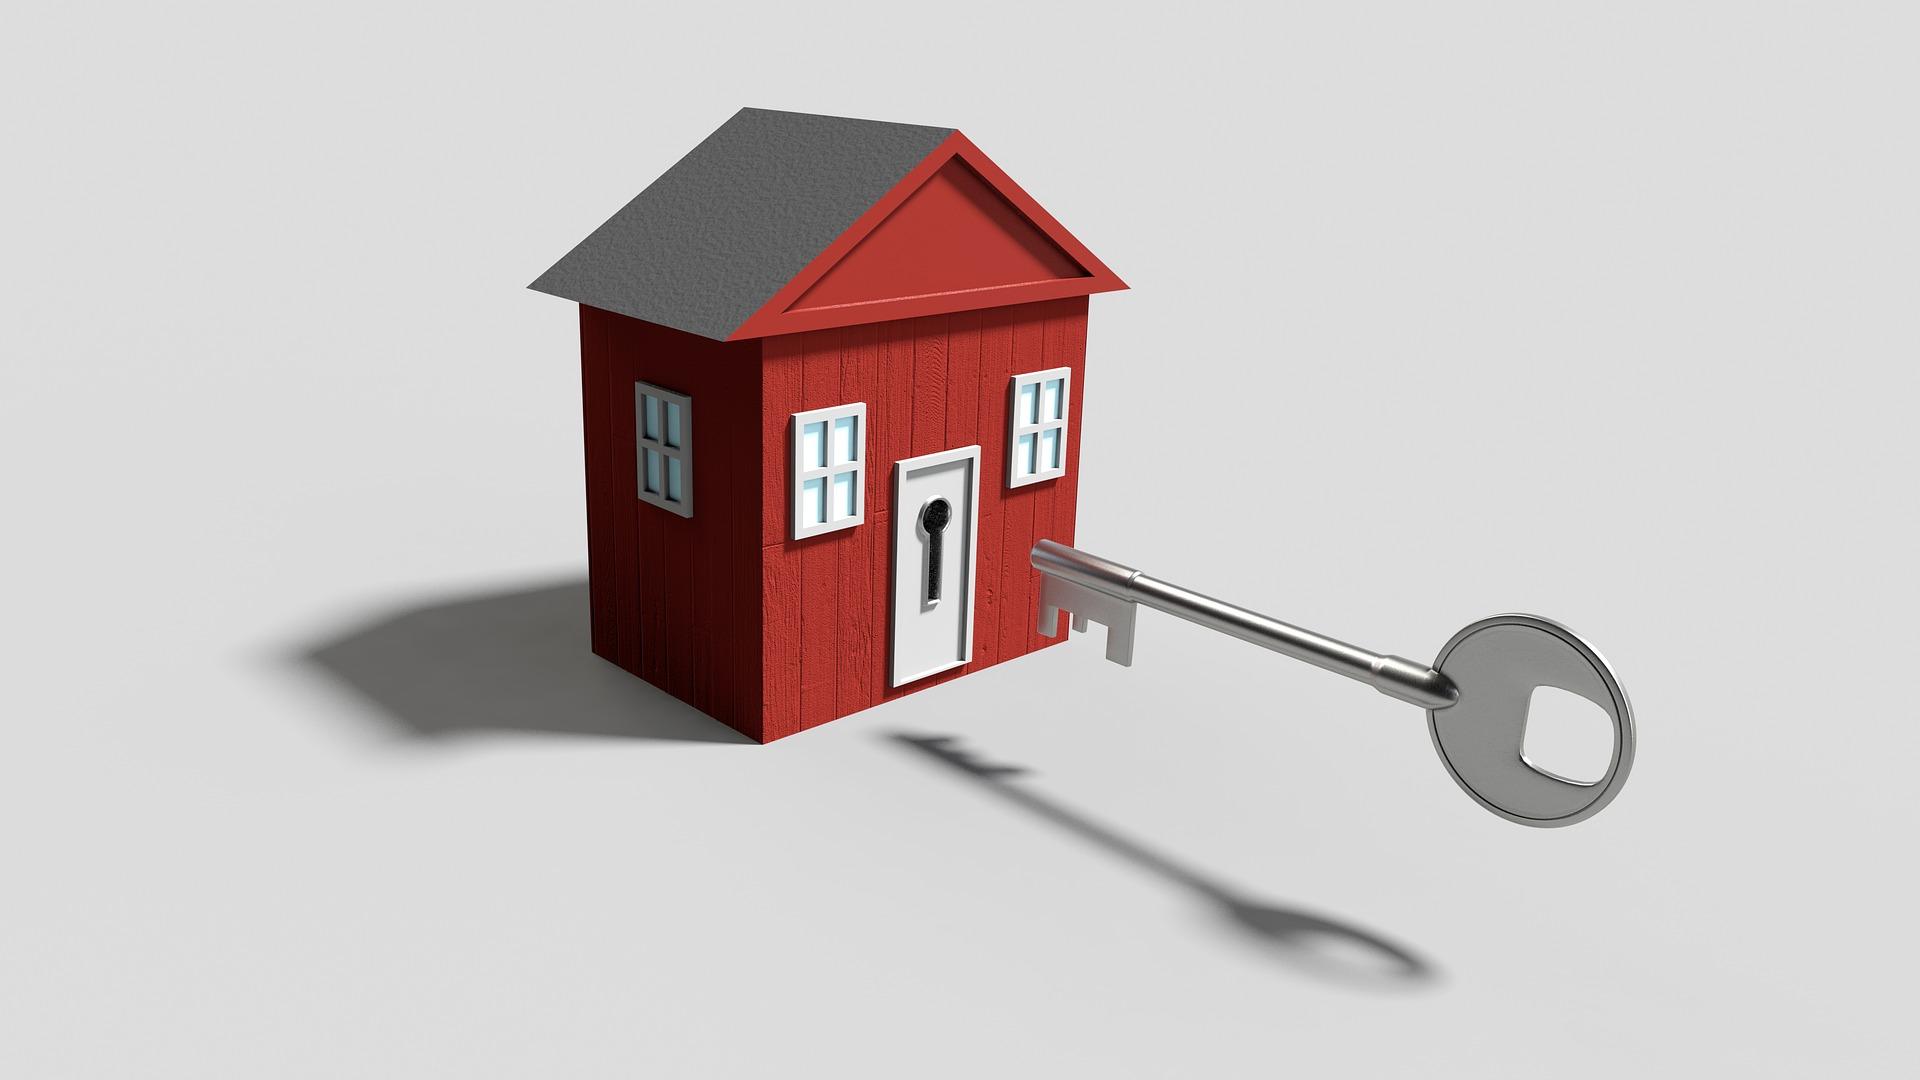 Möchten Sie Ihre Immobilie verkaufen?